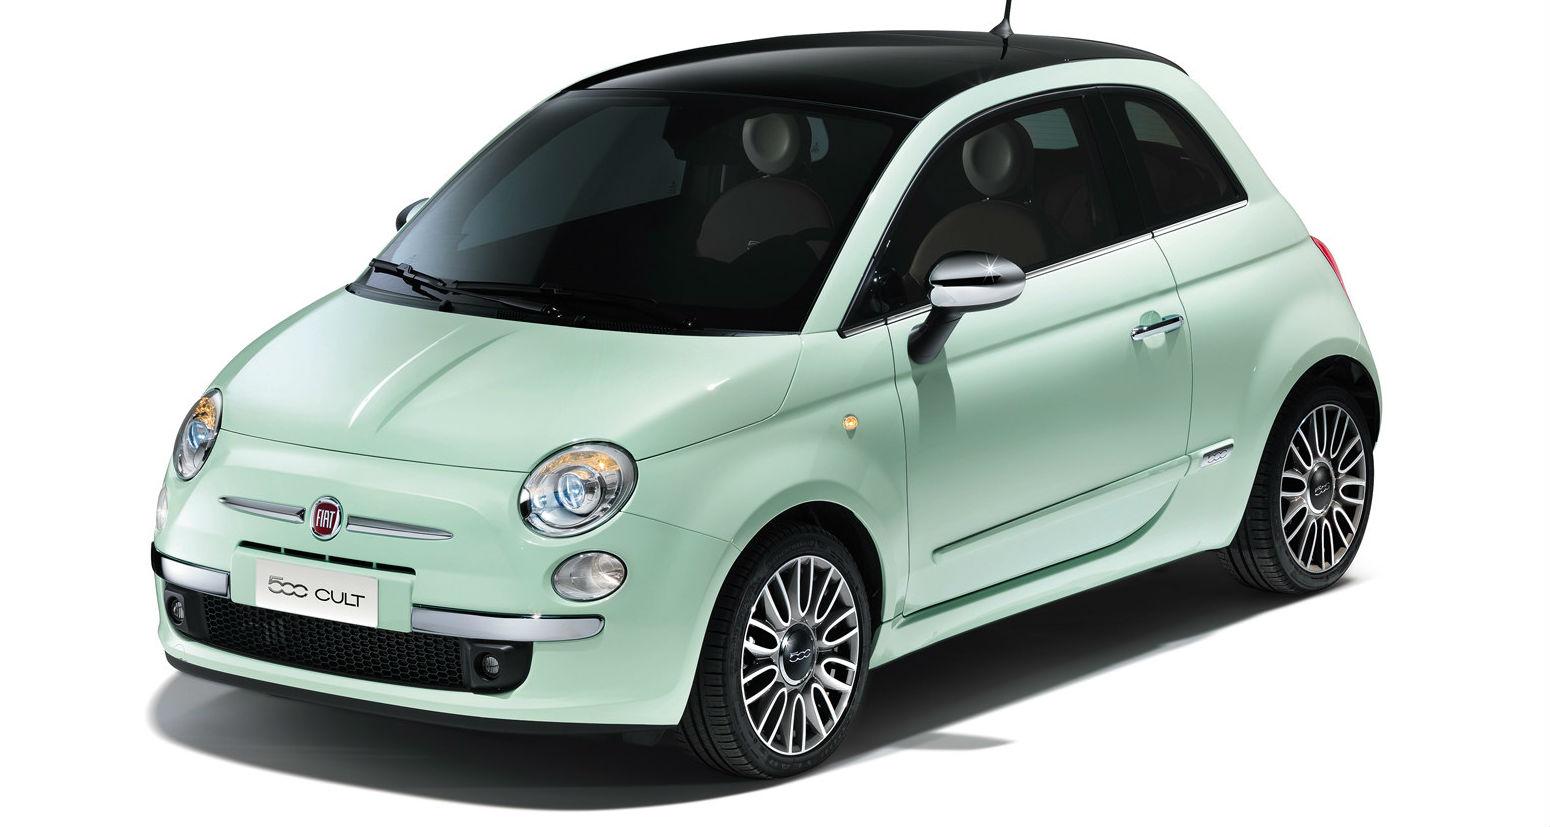 2014 FIAT 500 - Image #5